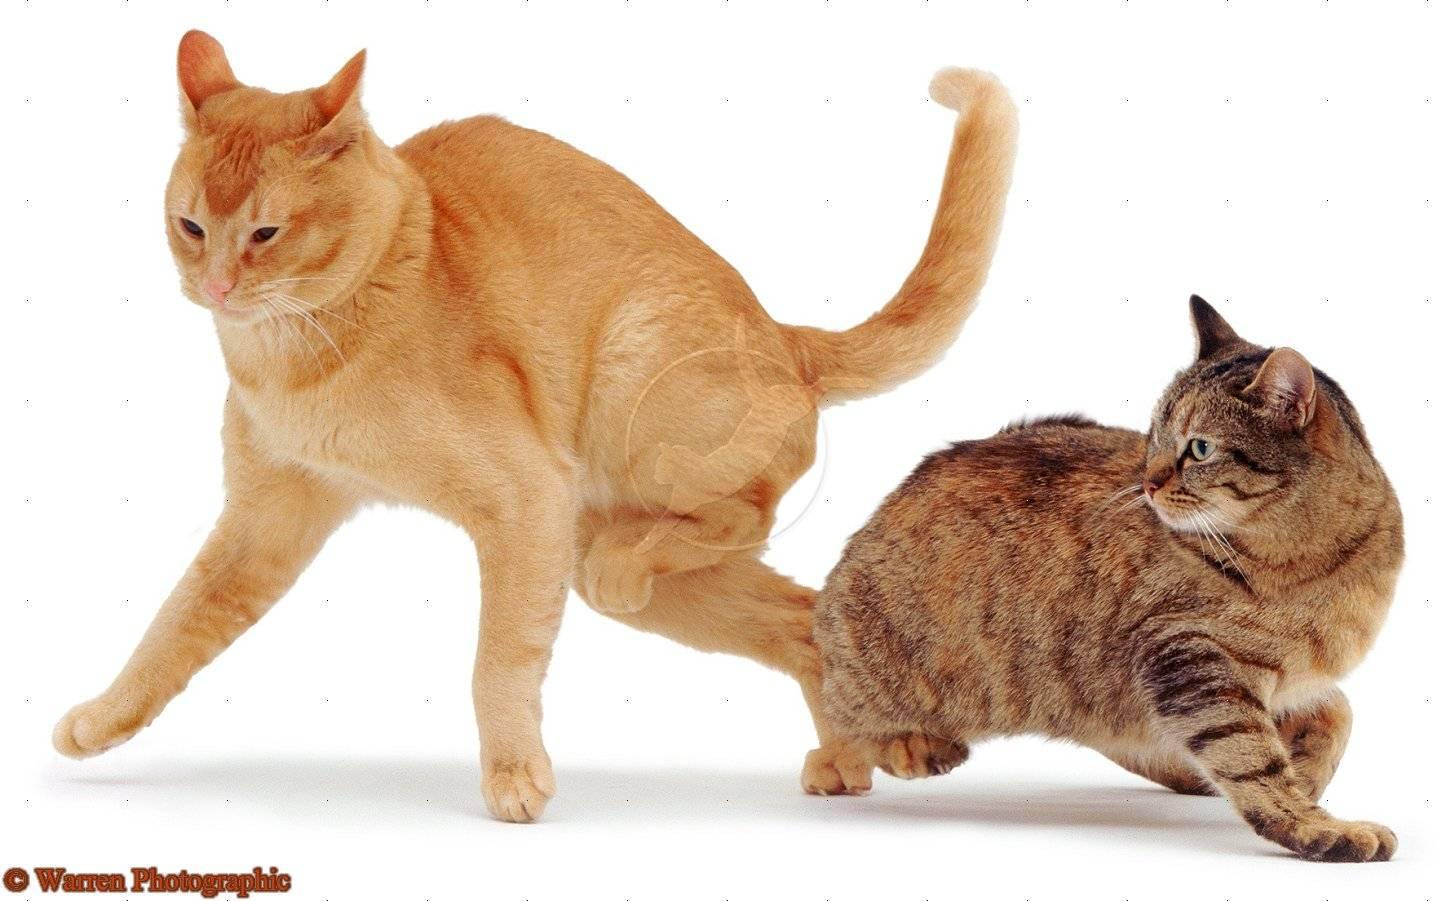 ᐉ как проходит вязка кошек? - ➡ motildazoo.ru